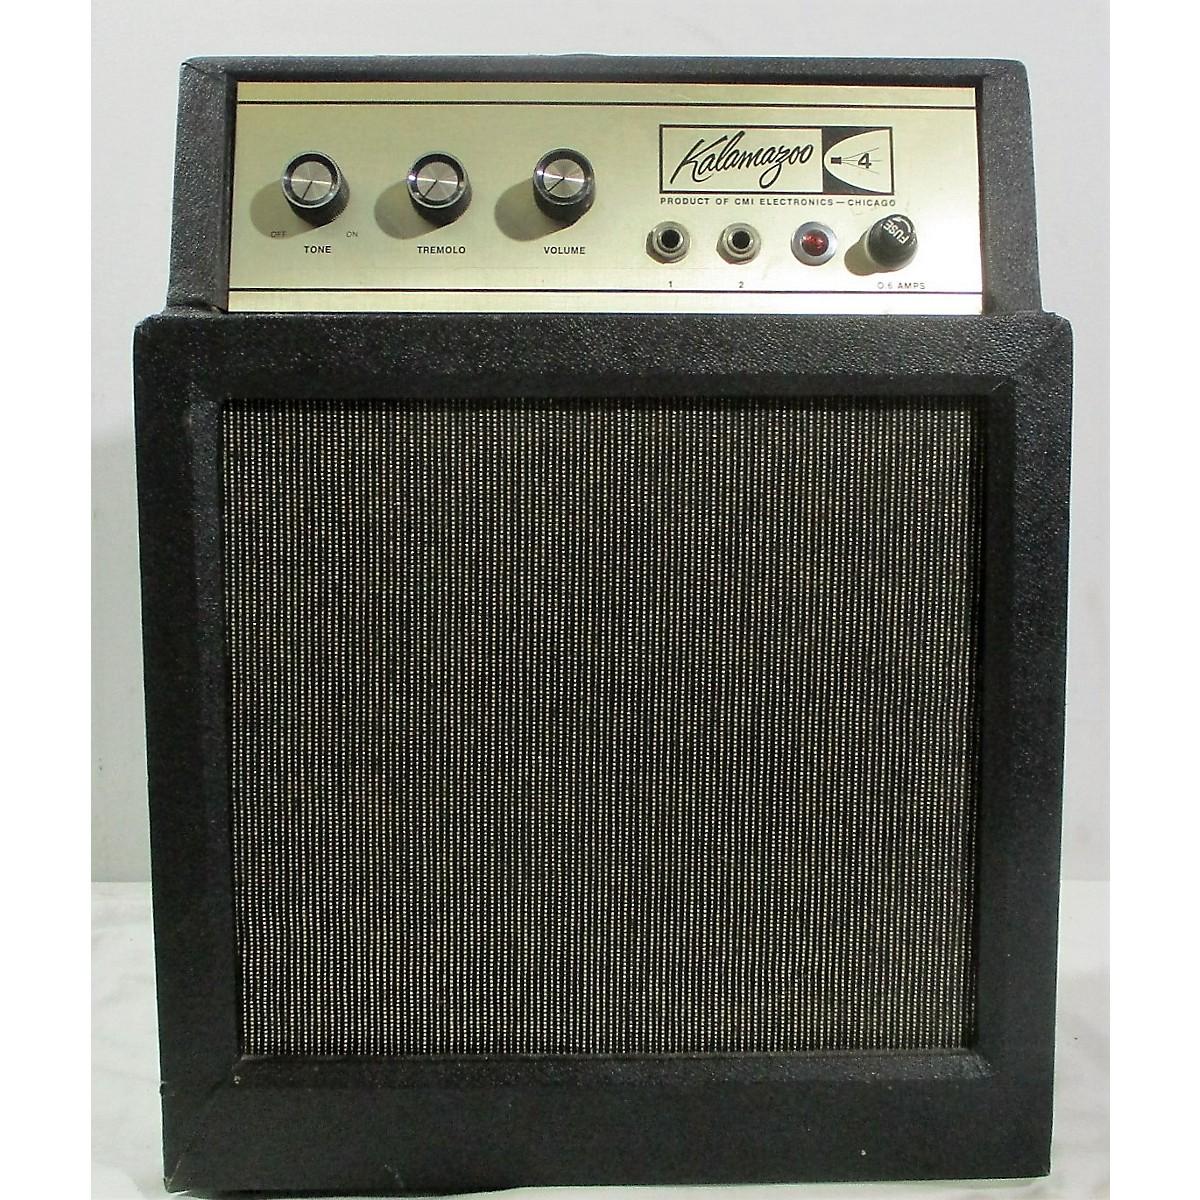 Kalamazoo 1970s MODEL 4 Guitar Combo Amp